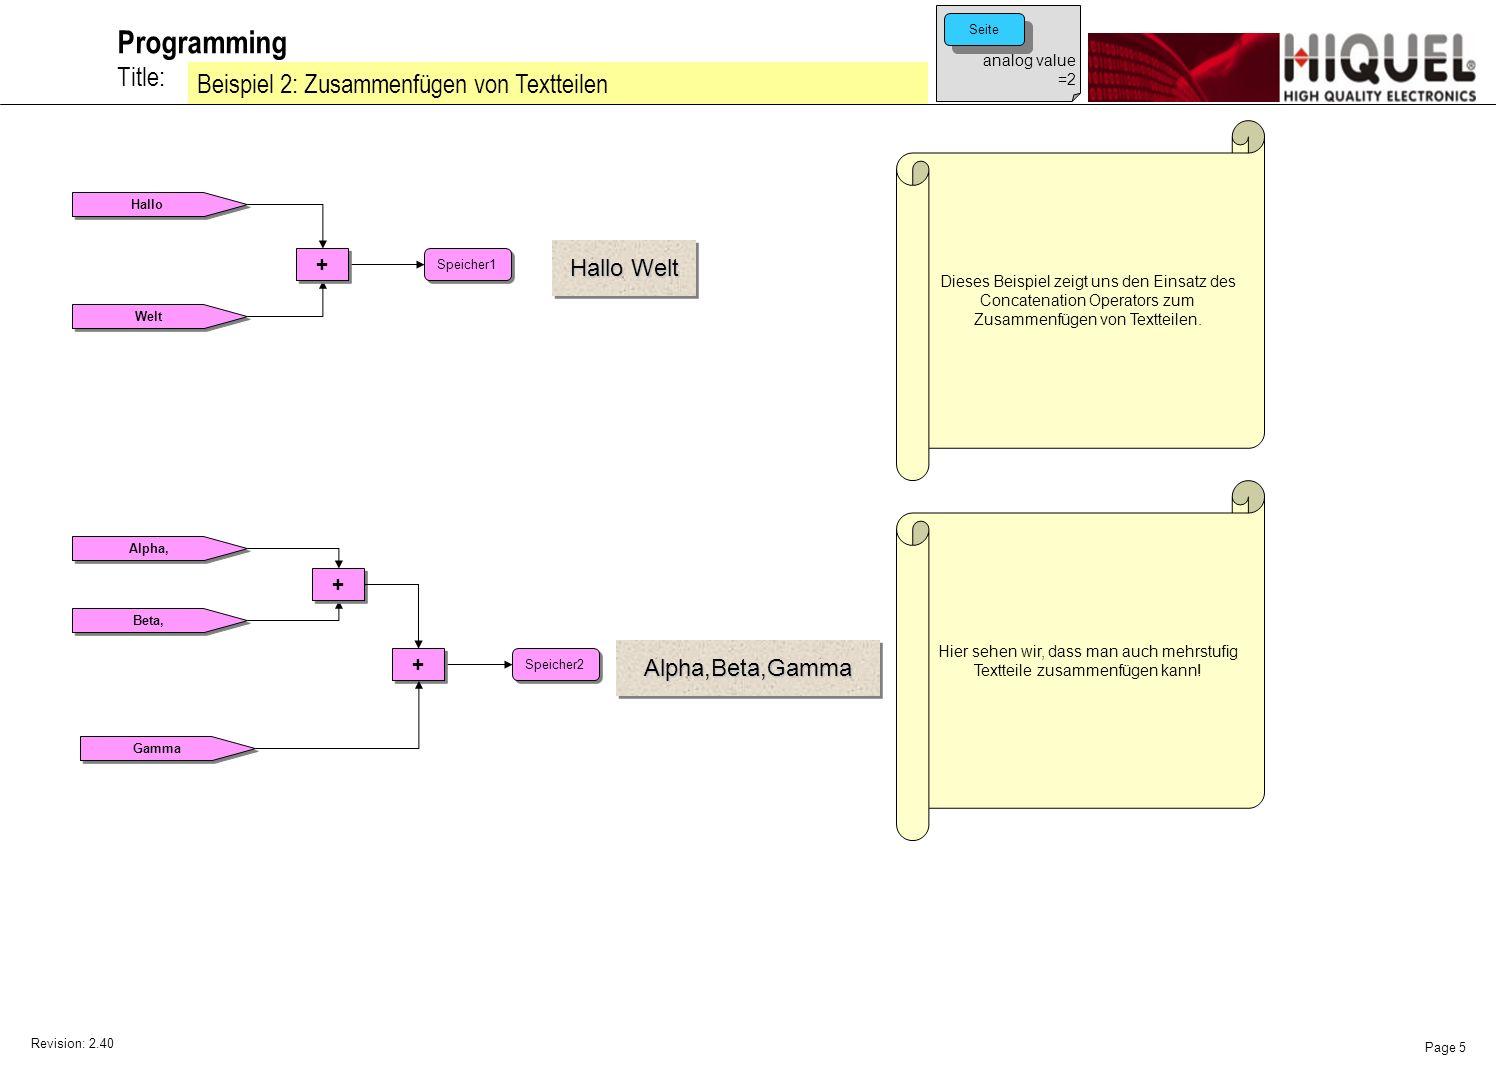 Revision: 2.40 Page 5 Title: Programming Beispiel 2: Zusammenfügen von Textteilen Hallo Welt + + Speicher1 Dieses Beispiel zeigt uns den Einsatz des Concatenation Operators zum Zusammenfügen von Textteilen.